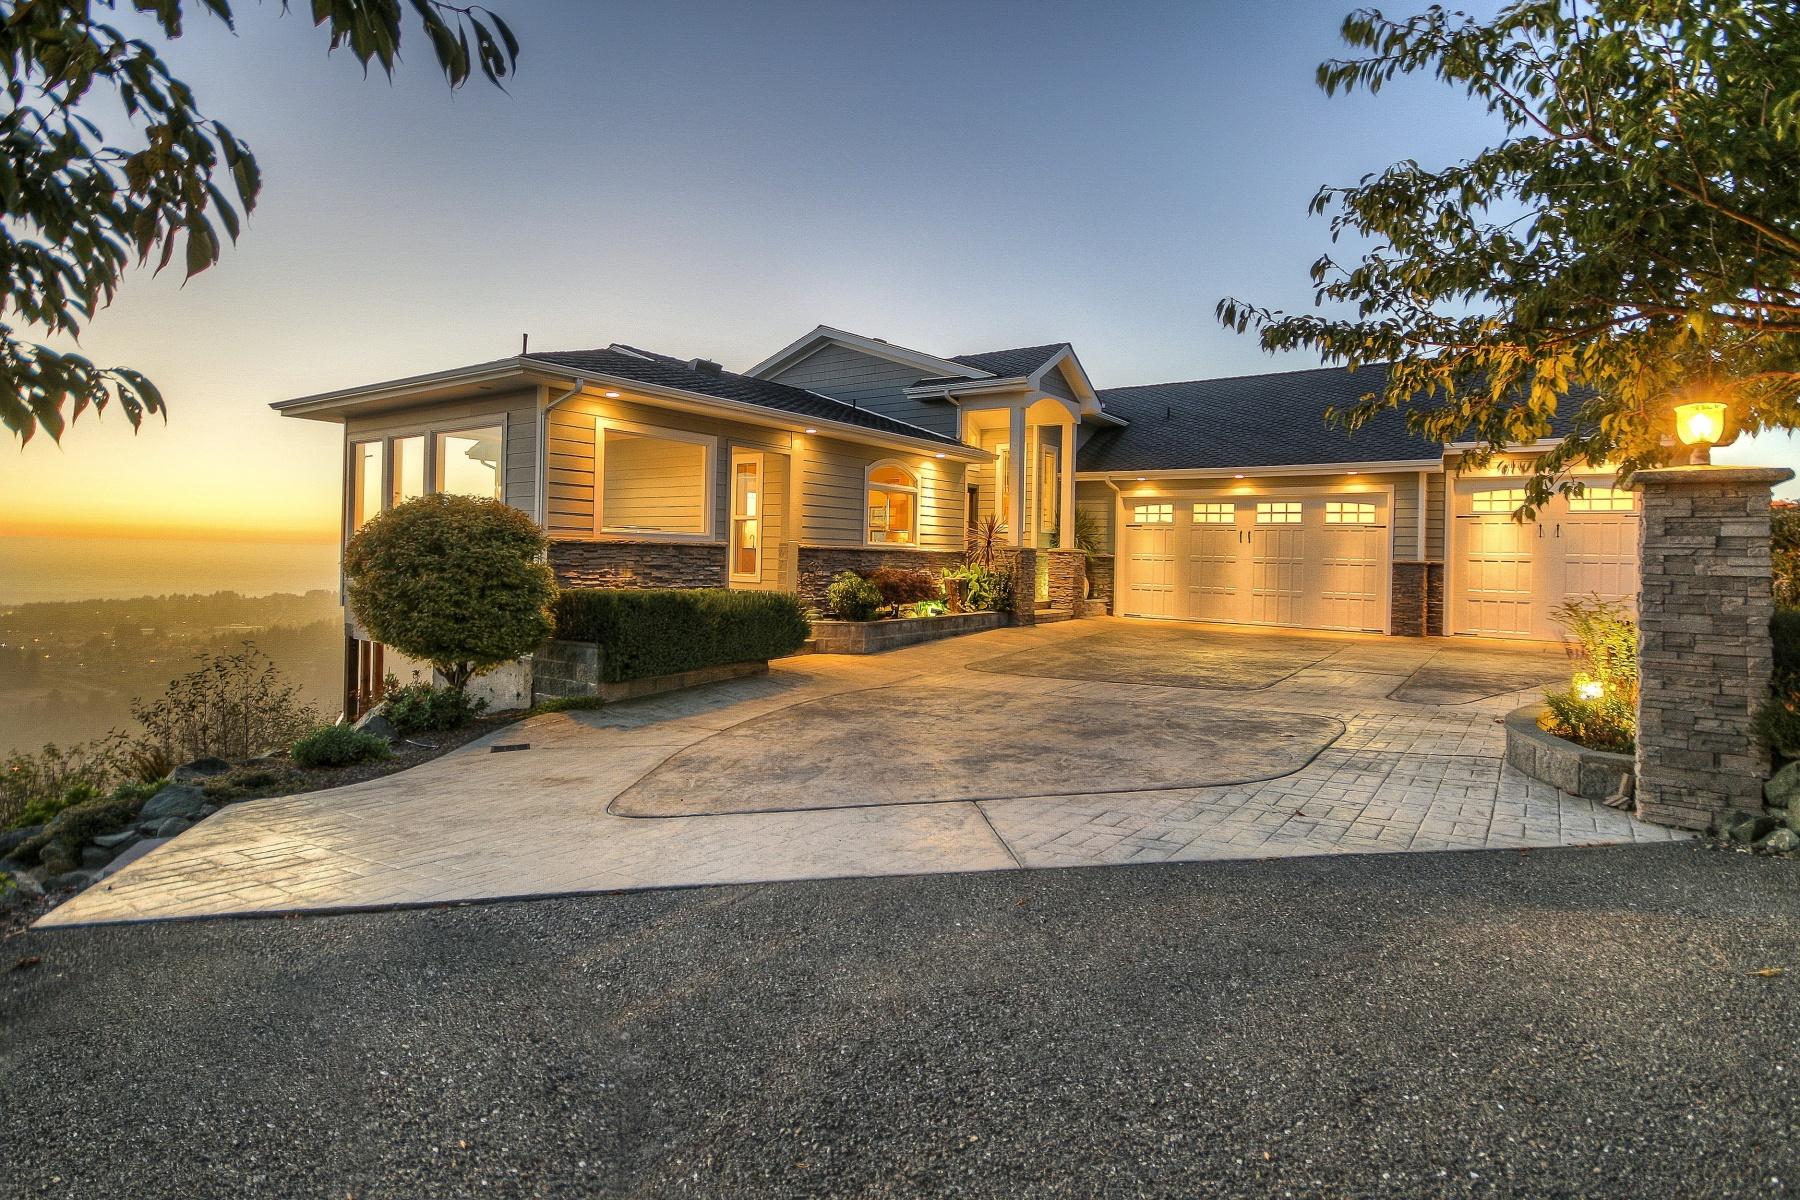 独户住宅 为 销售 在 98012 Crown Terrace RD, BROOKINGS 布鲁金斯, 俄勒冈州 97415 美国